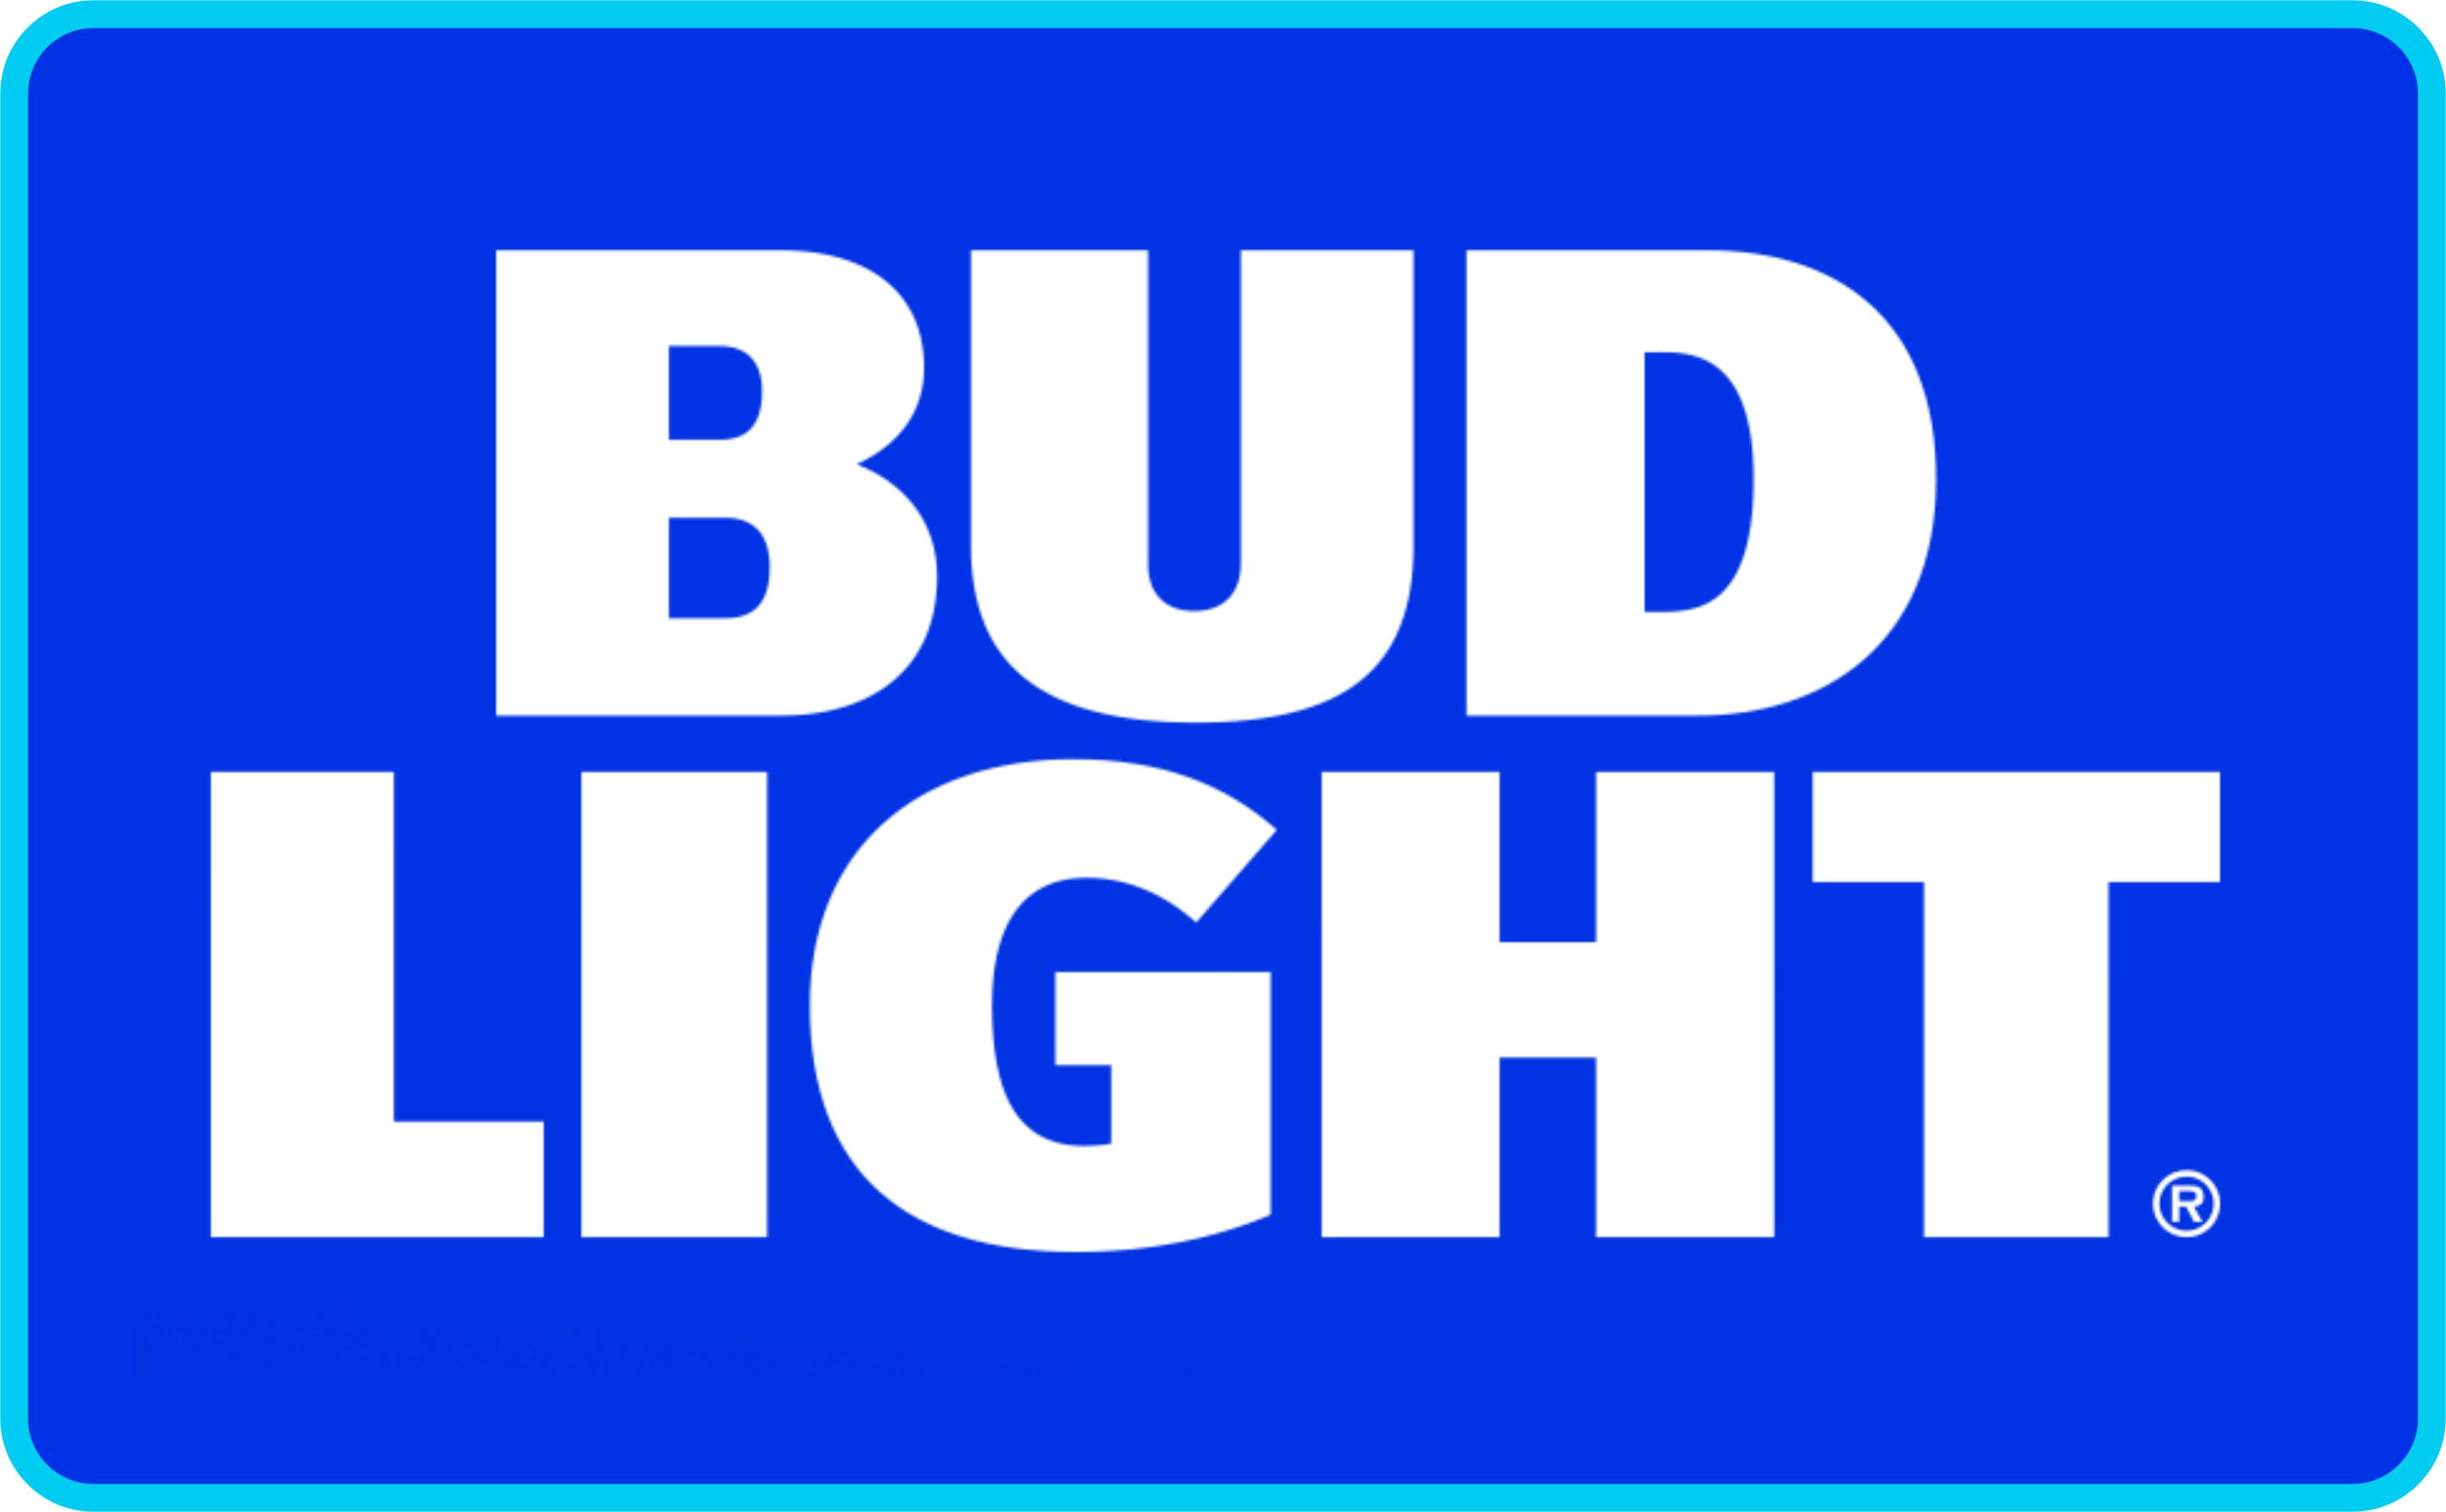 bud light Coors Light Logo Vector Bud Light Football Logo Vector